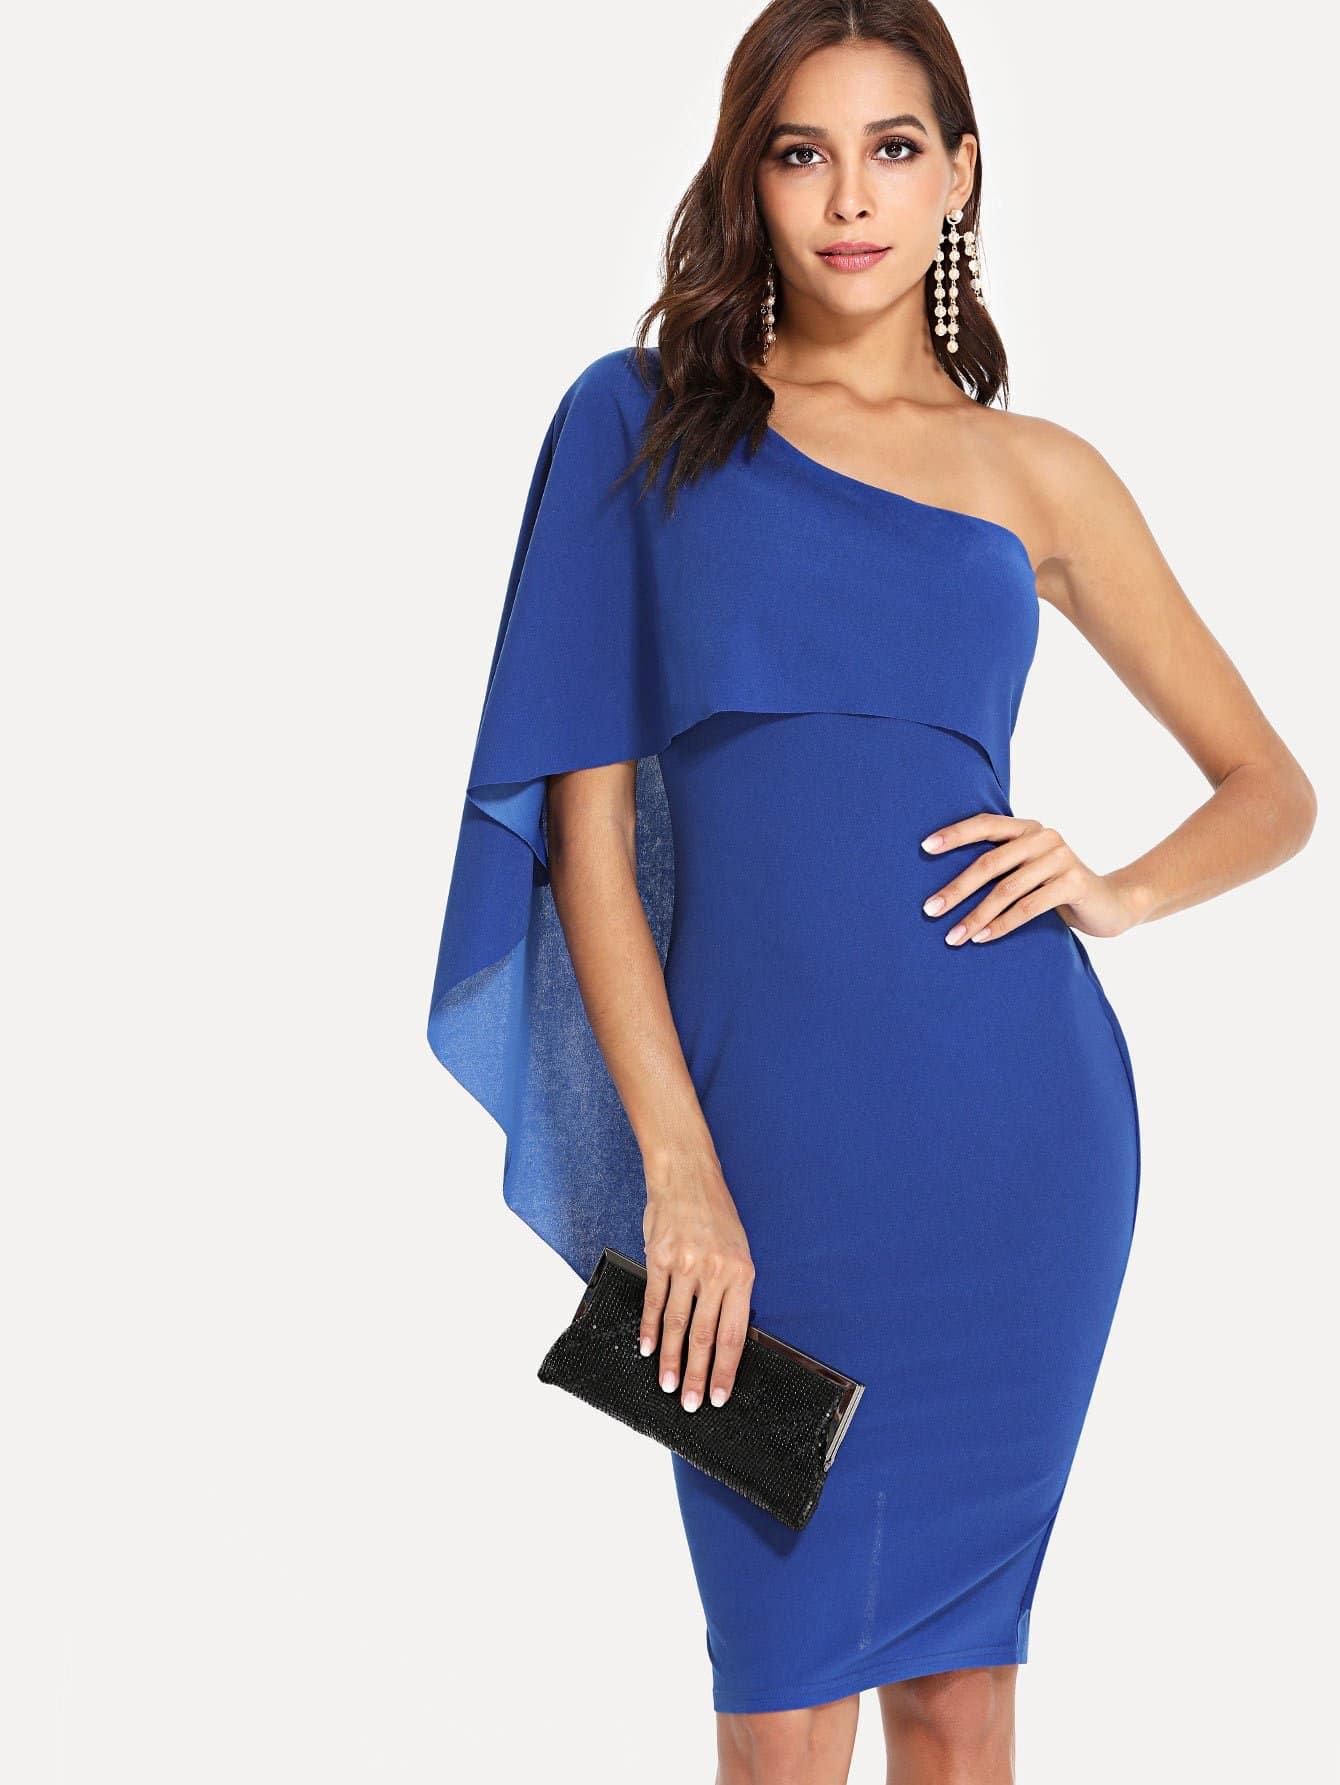 One Shoulder Slit Back Fitted Dress one shoulder slit back fitted dress